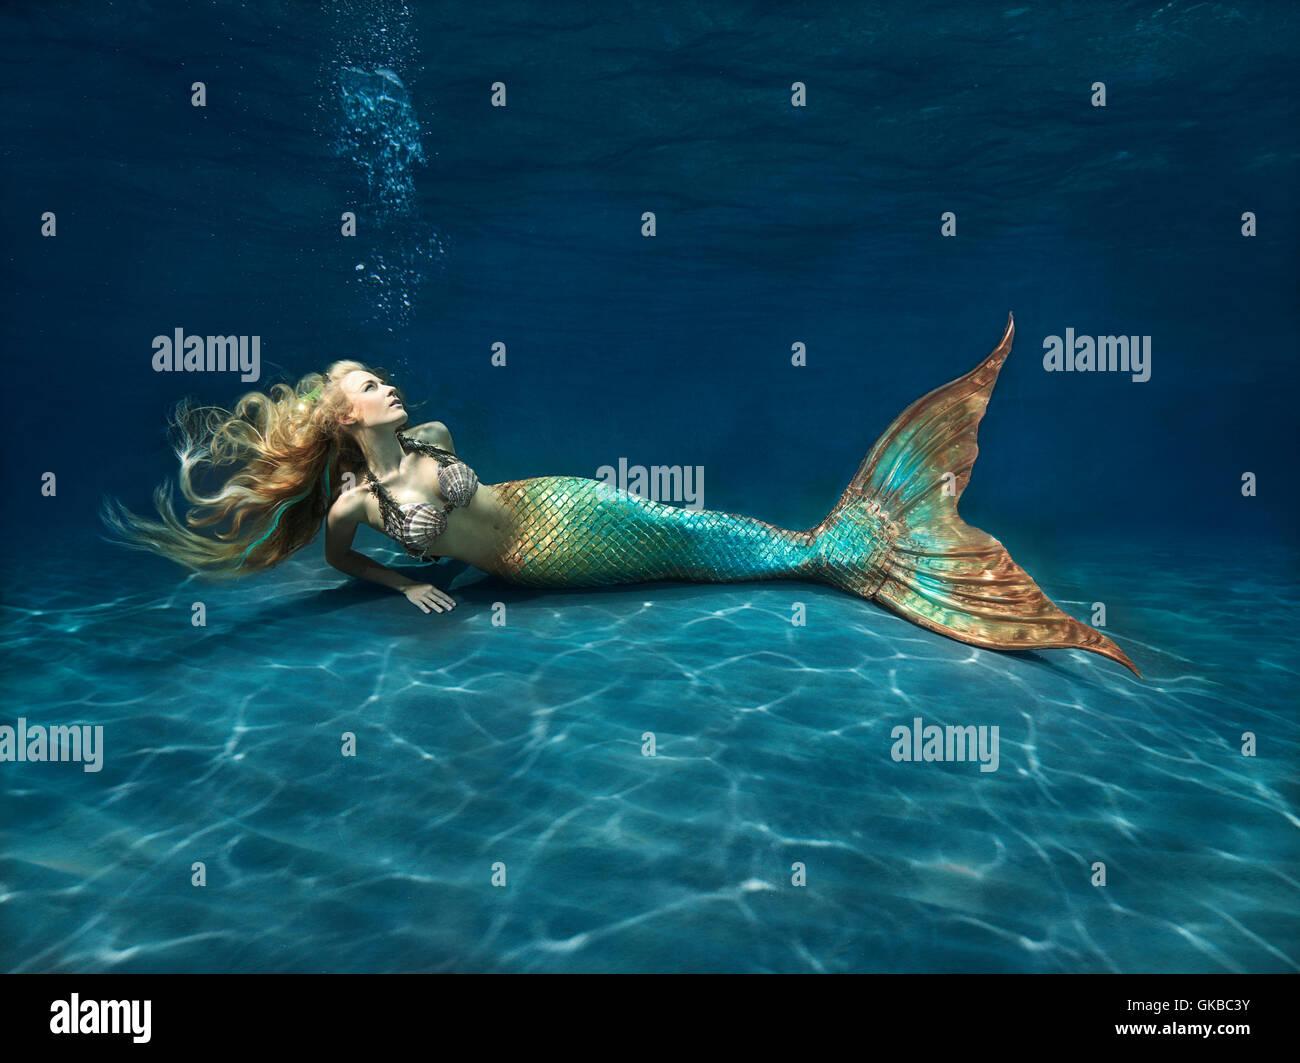 Blonde Mermaid 60